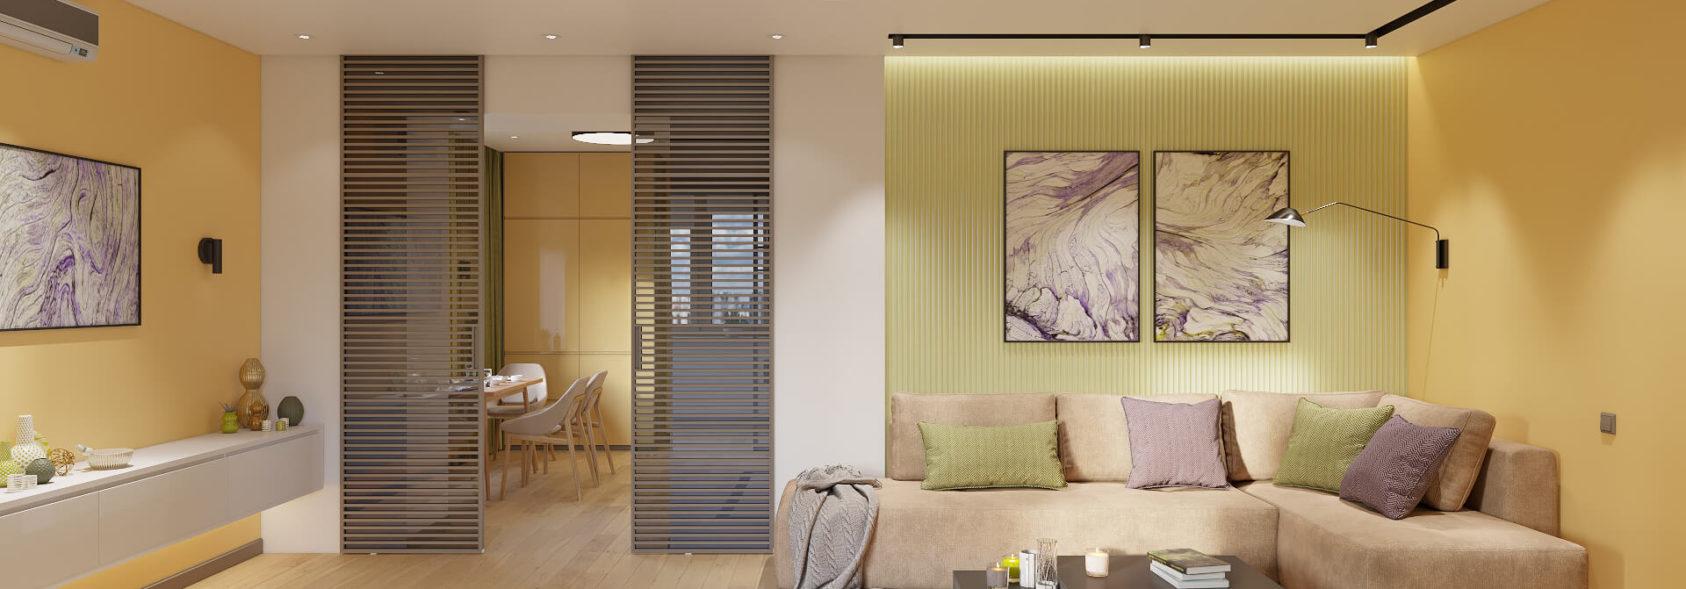 Дизайн квартиры Киев - Интерьер гостиной